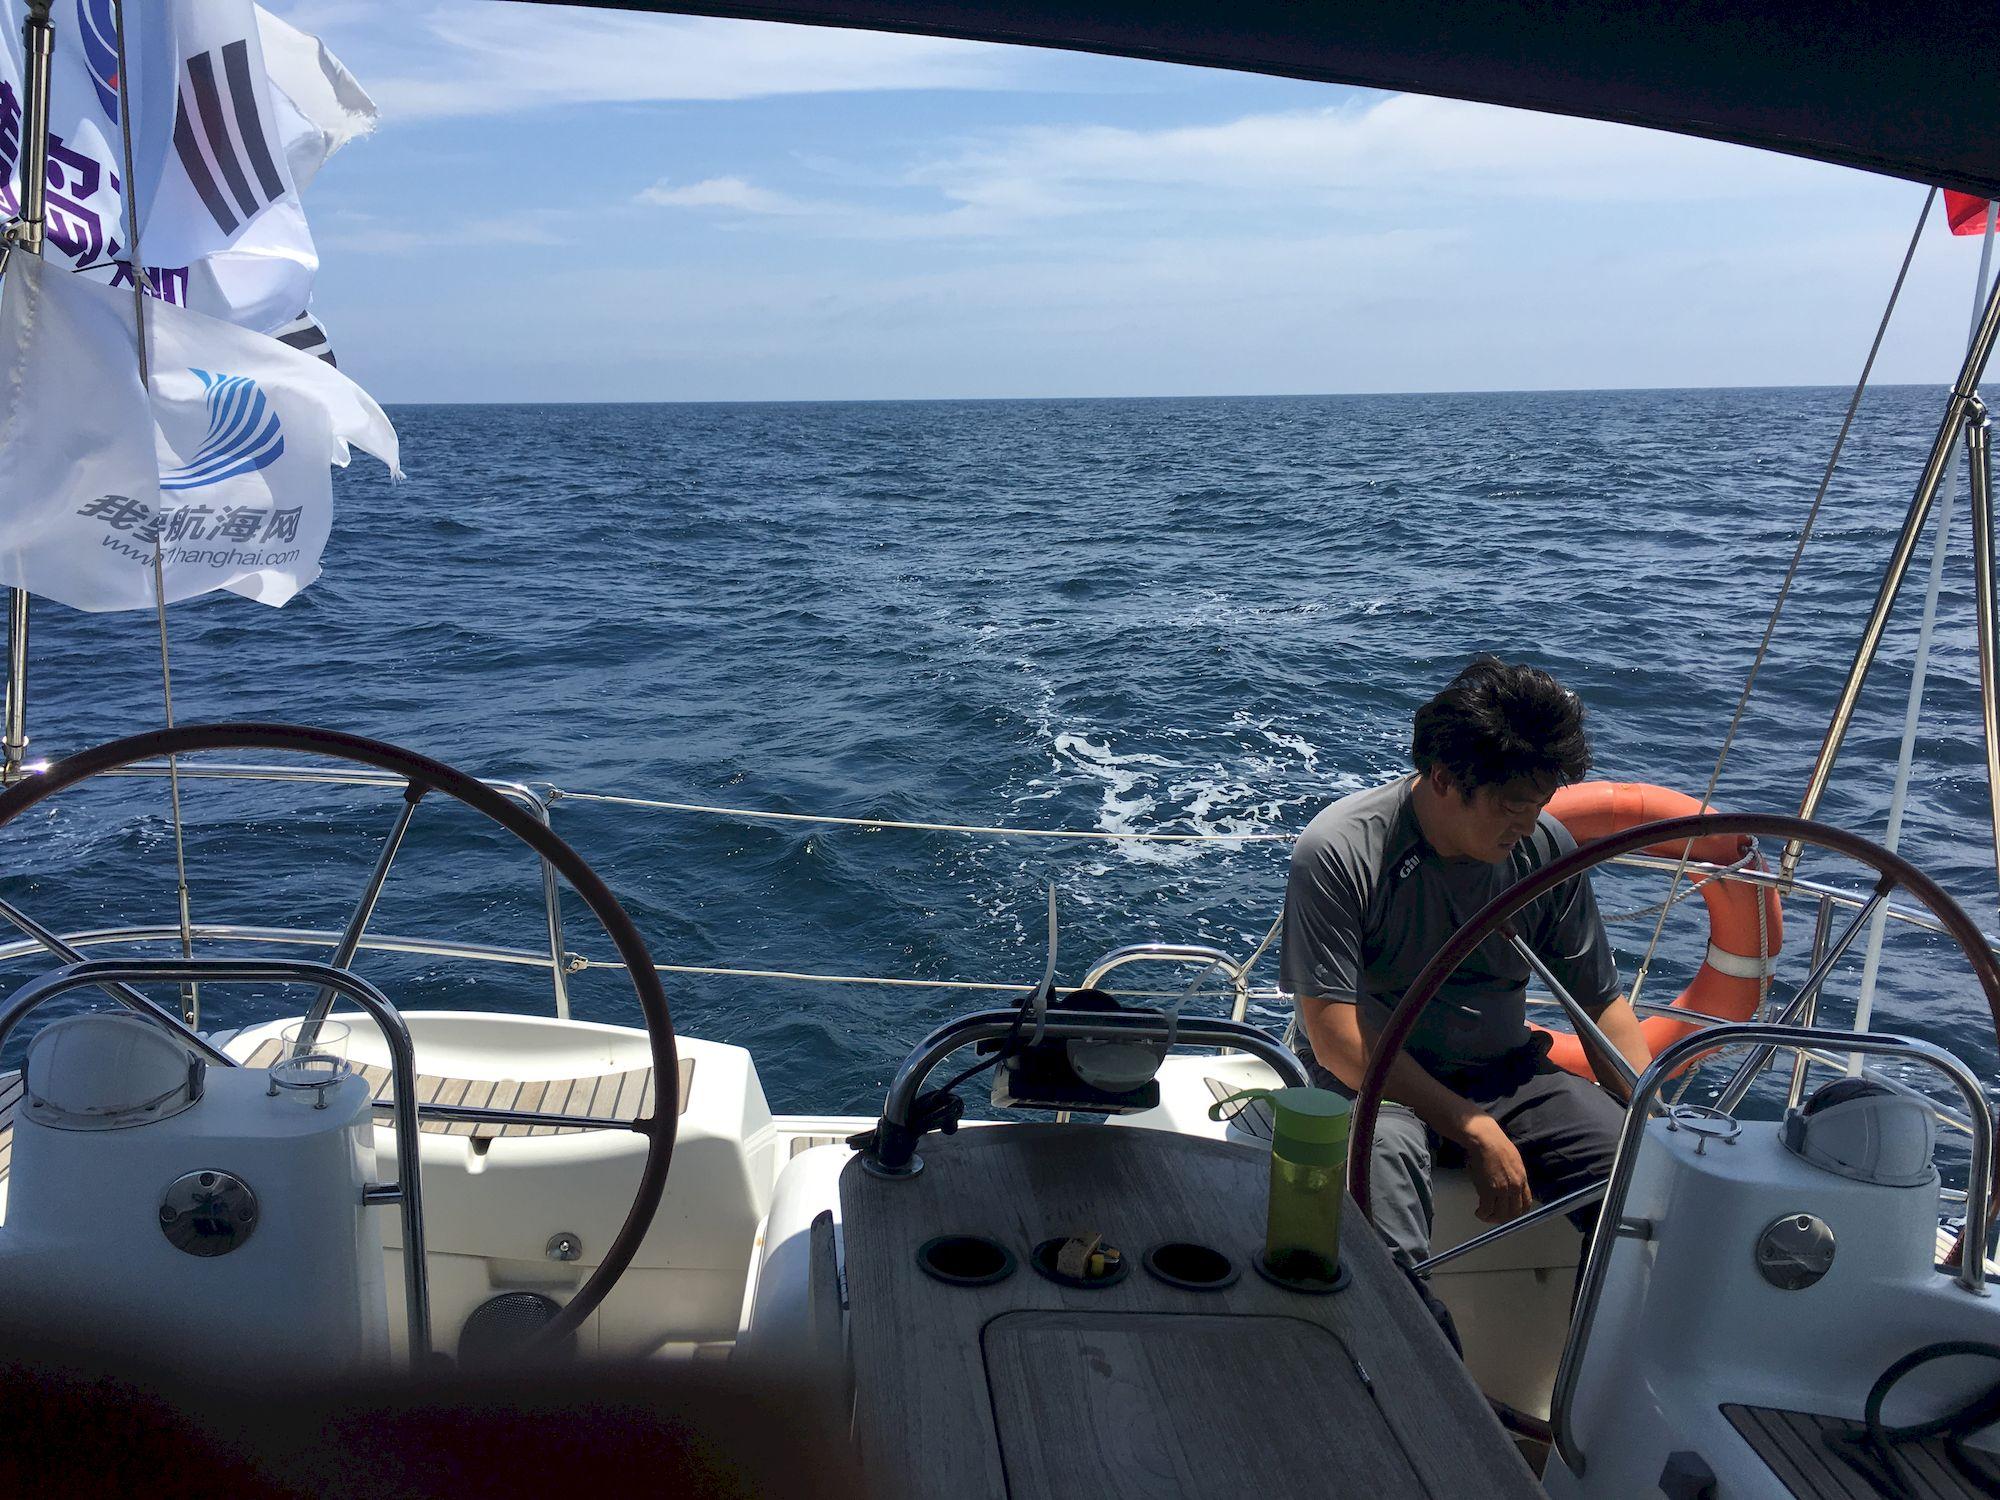 030-IMG_3440_千帆俱乐部我要航海网帆船队-2016威海-仁川国际帆船赛.JPG